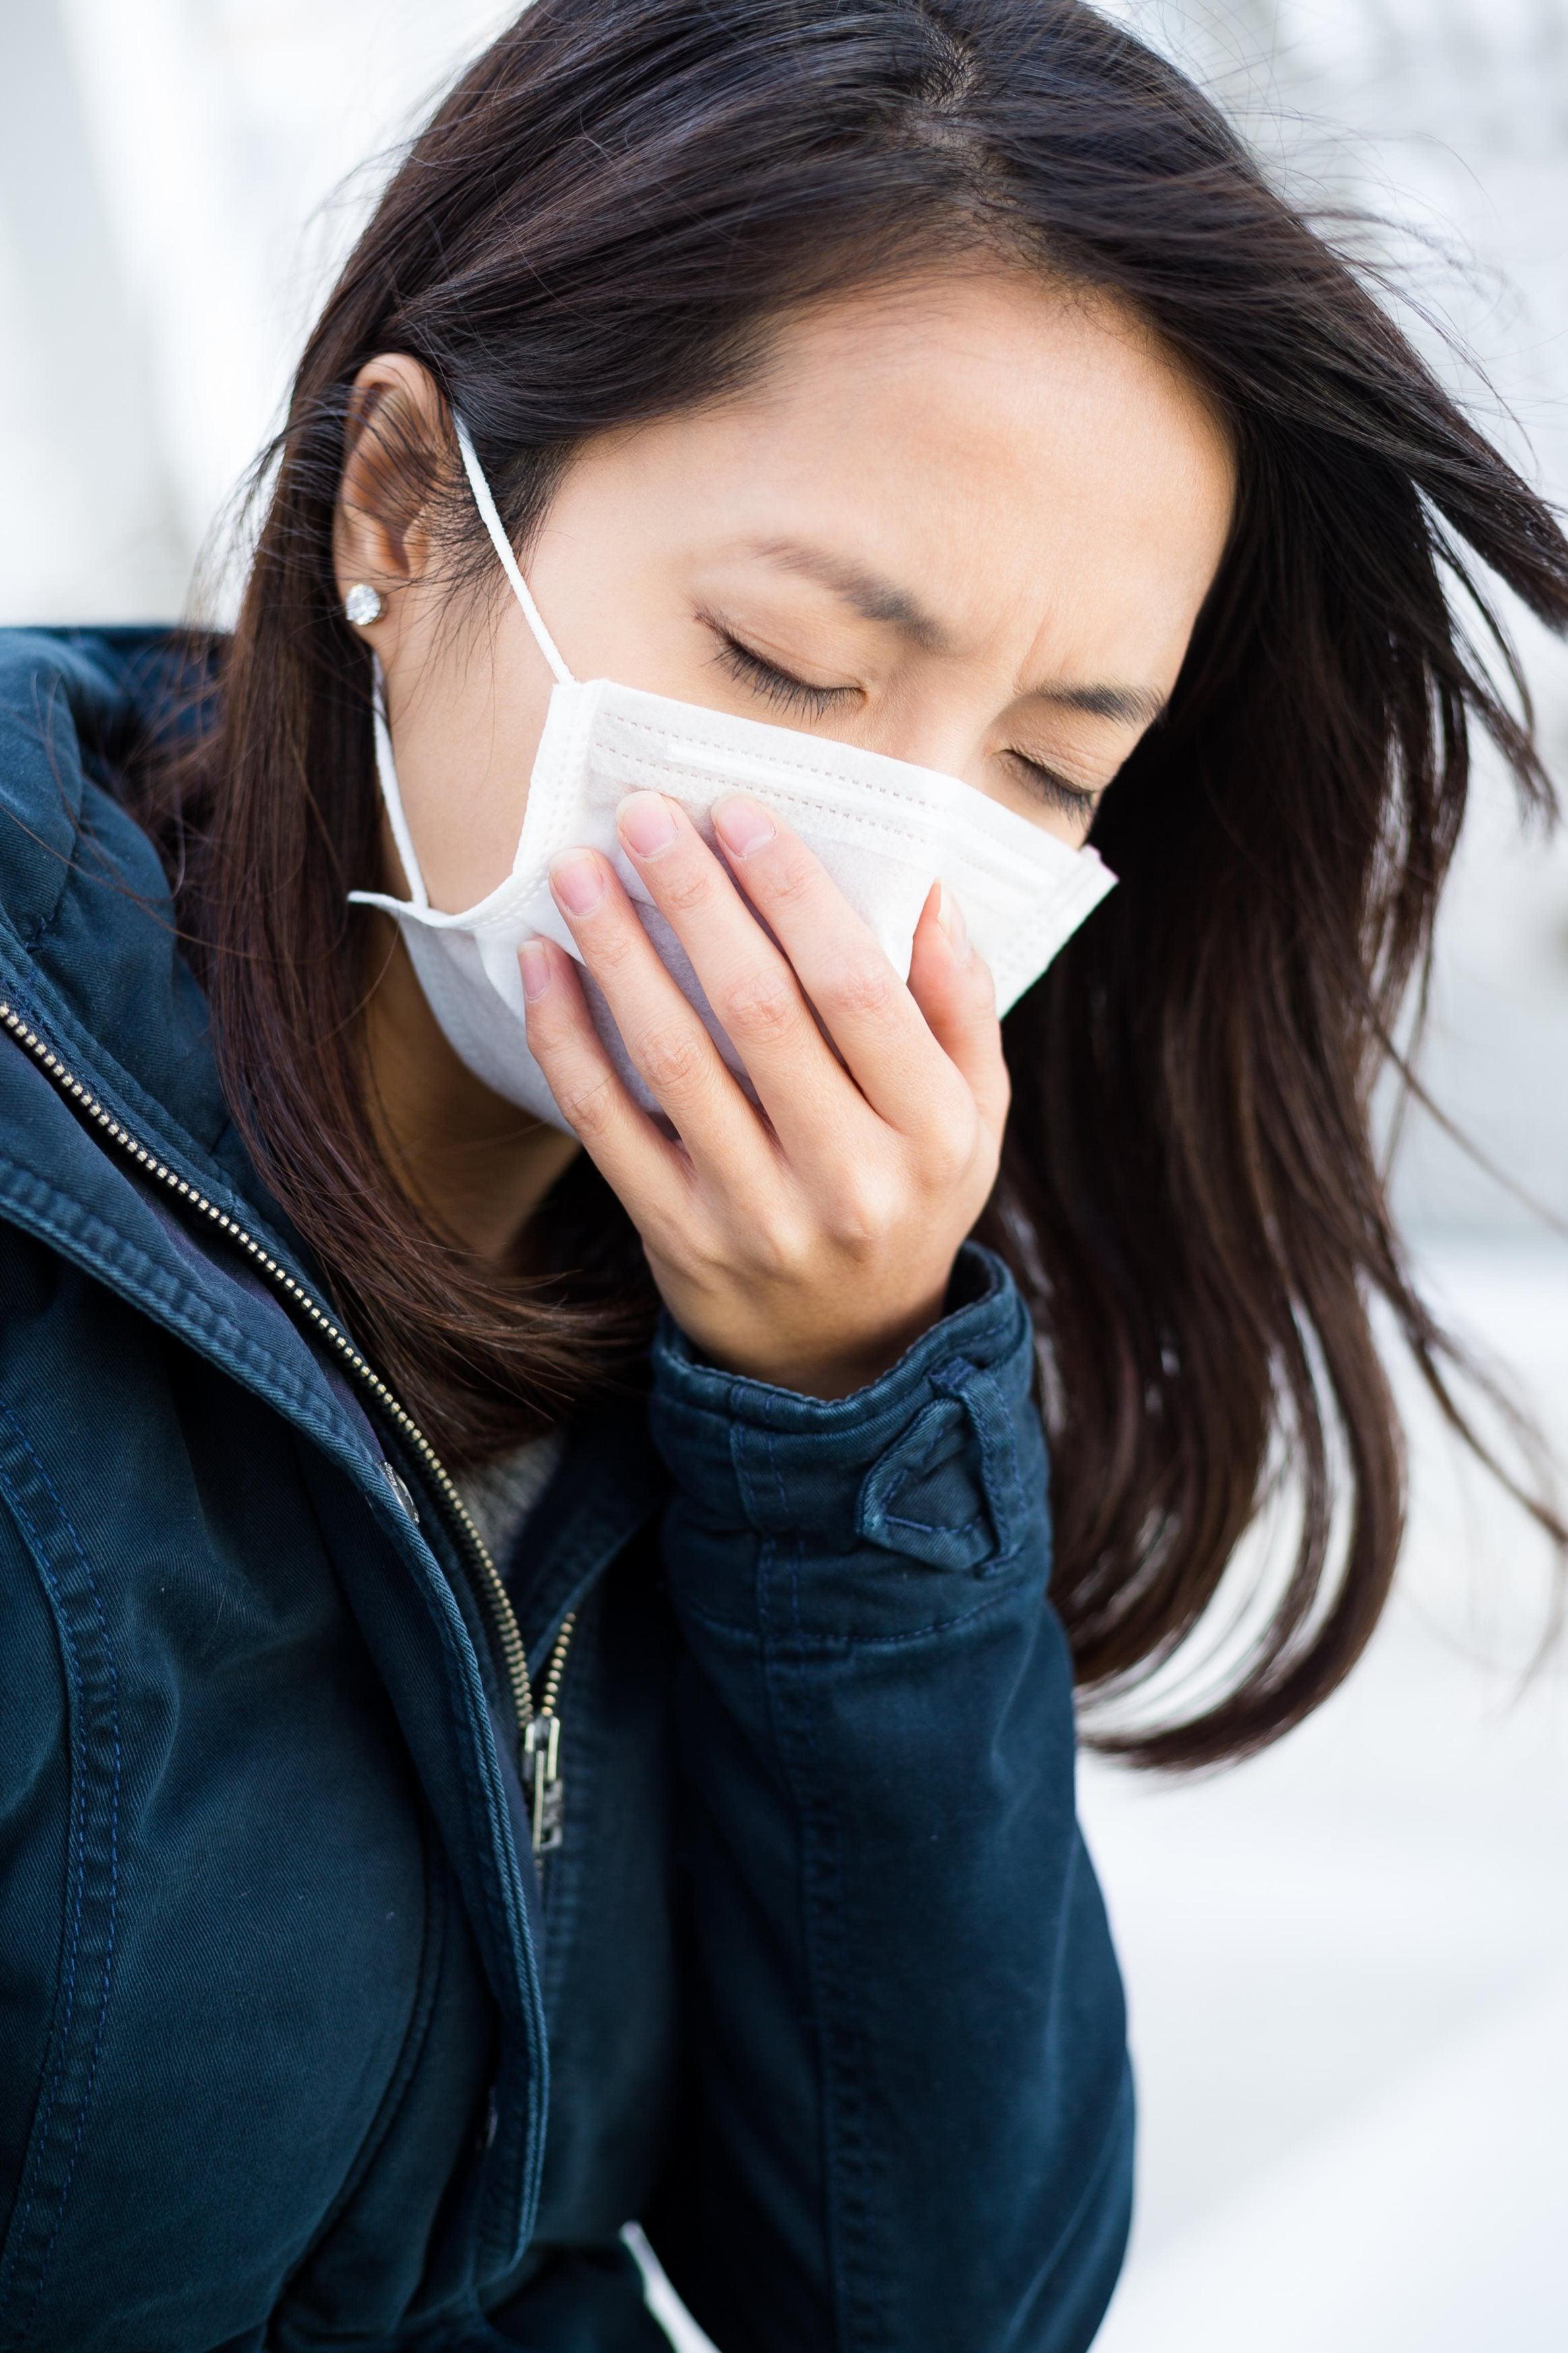 فيروس «كورونا» يسكن الأسطح 9 أيام.. والمطهرات الكيميائية تقتله في ...